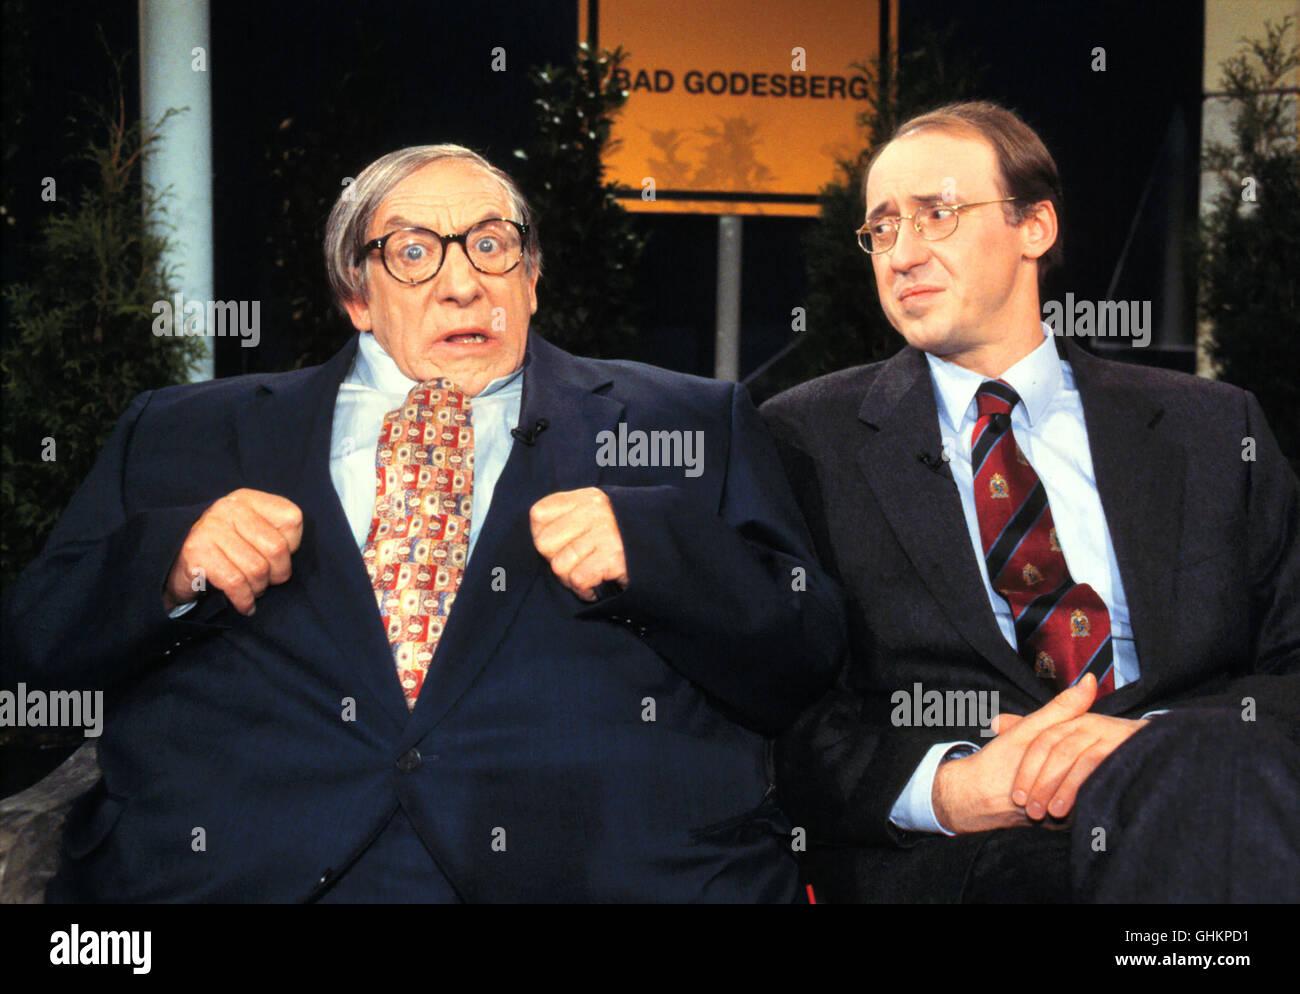 DIETER HALLERVORDEN (links) mit kabarettistischen Anmerkungen zum politischen und gesellschaftlichen Zeitgeschehen. - Stock Image